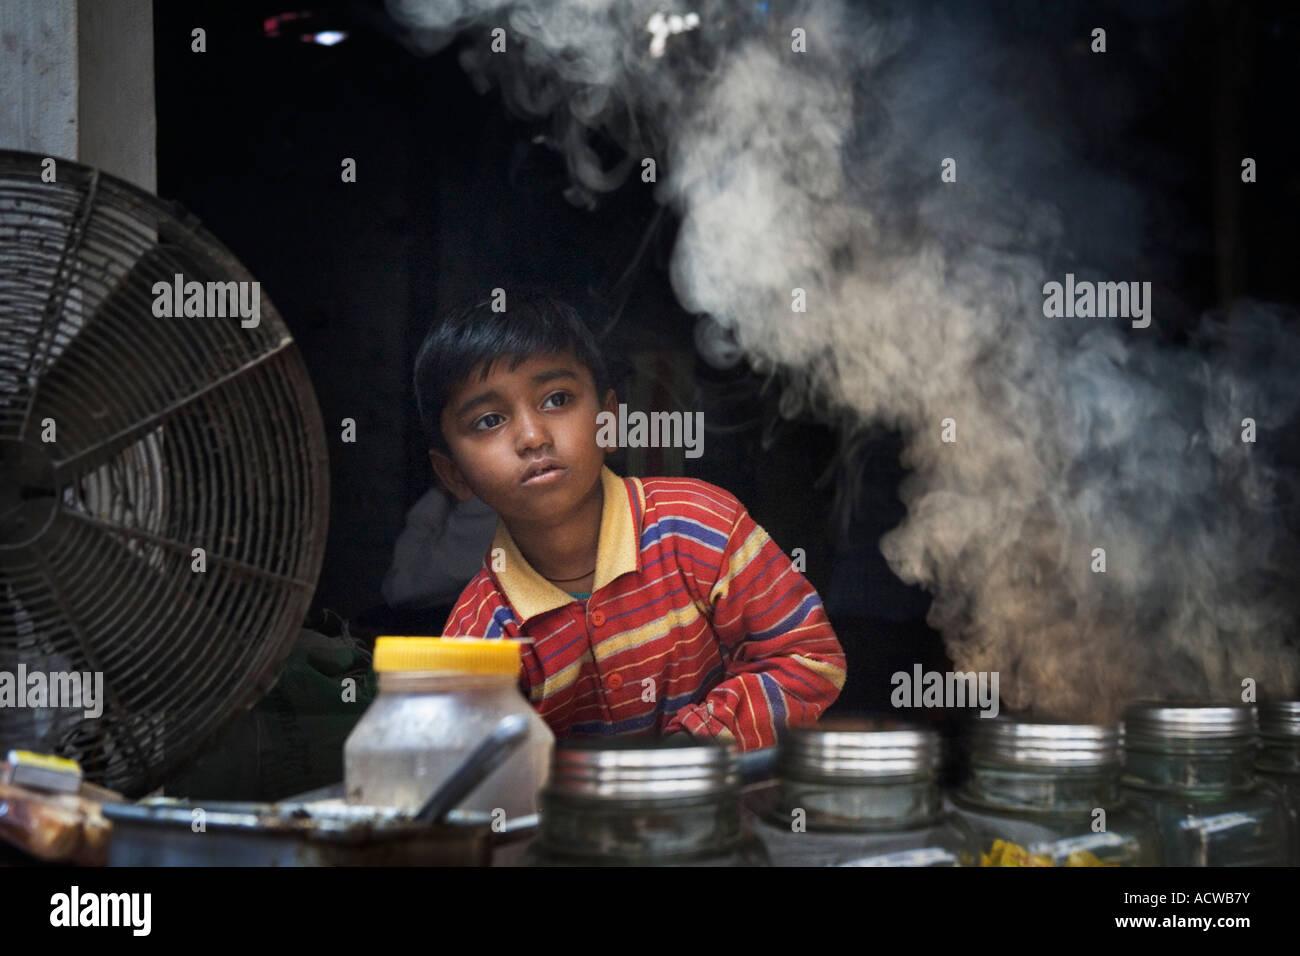 Young street vendor with smoke Varanasi Benares India - Stock Image